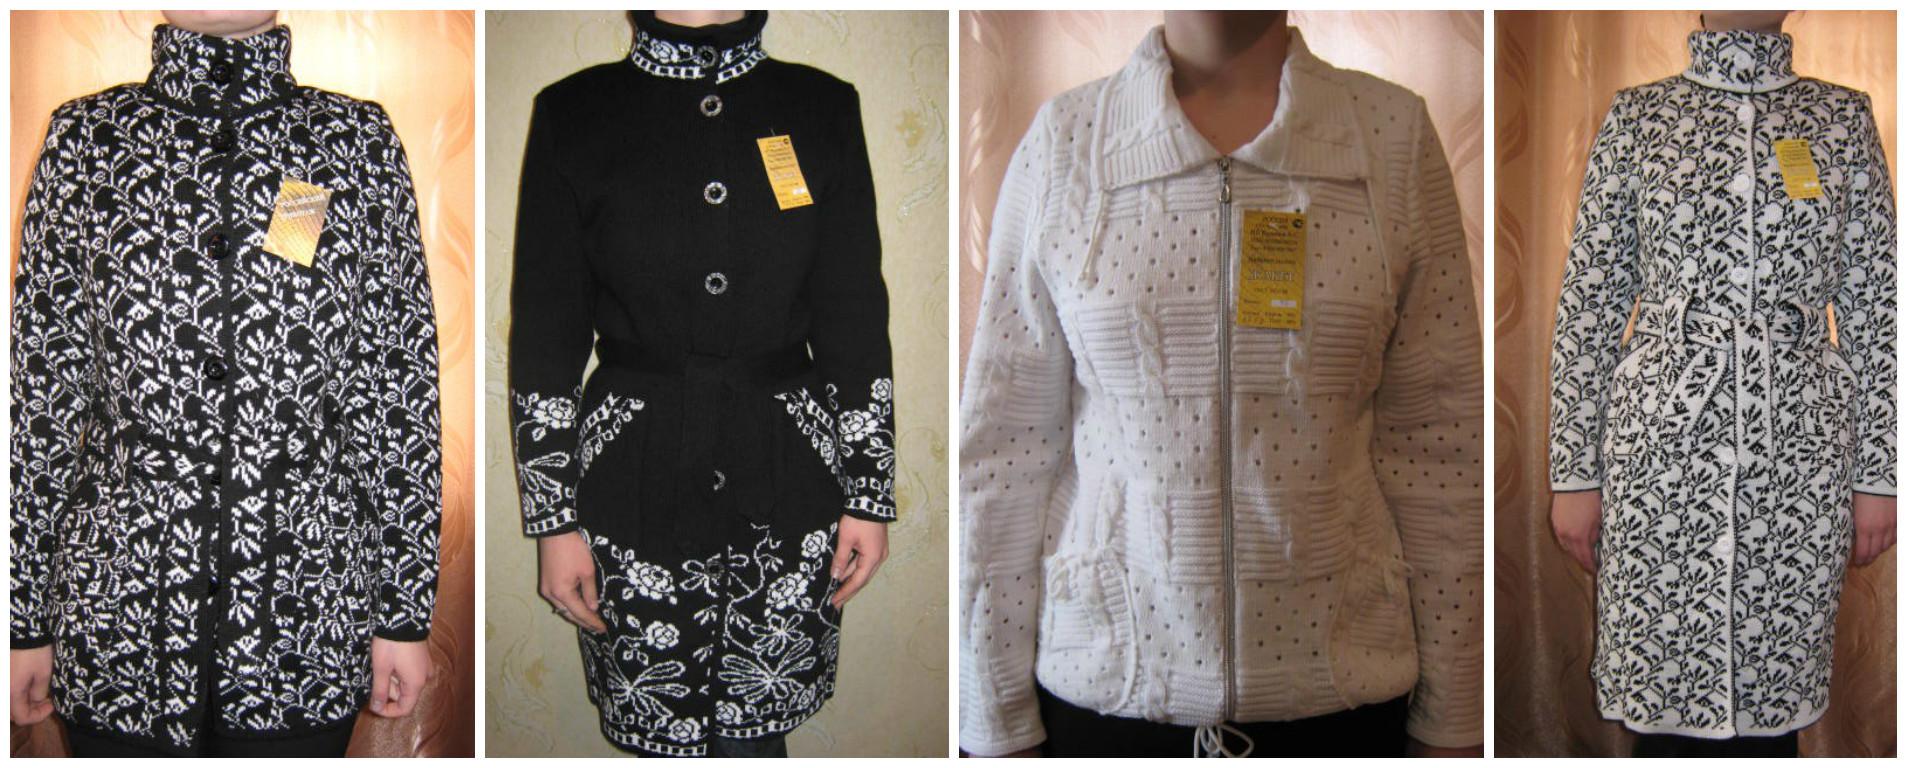 Сбор заказов. Вязанные жакеты и пальто , мужская и женская коллекция. Такие цены Вы давно искали!! Без рядов !!! Новые модели .Размеры 48-62. Выкуп 13